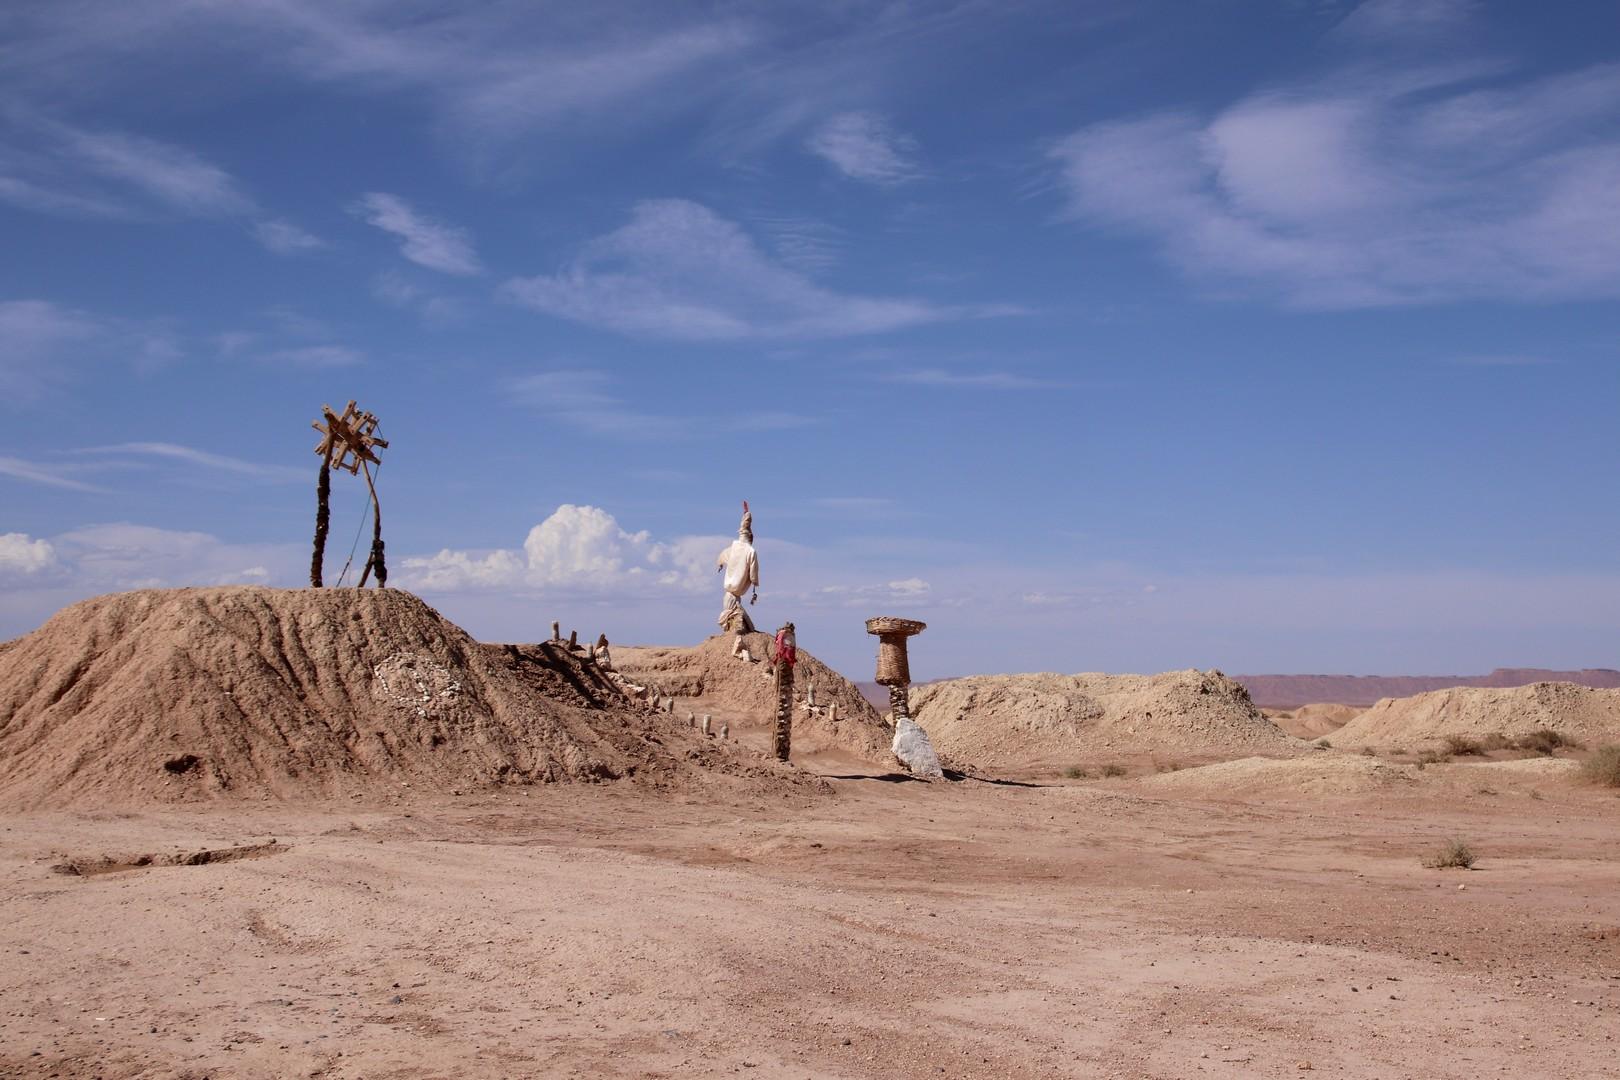 Maroc - Puits d'une khetarra (canaux d'irrigation souterrains)